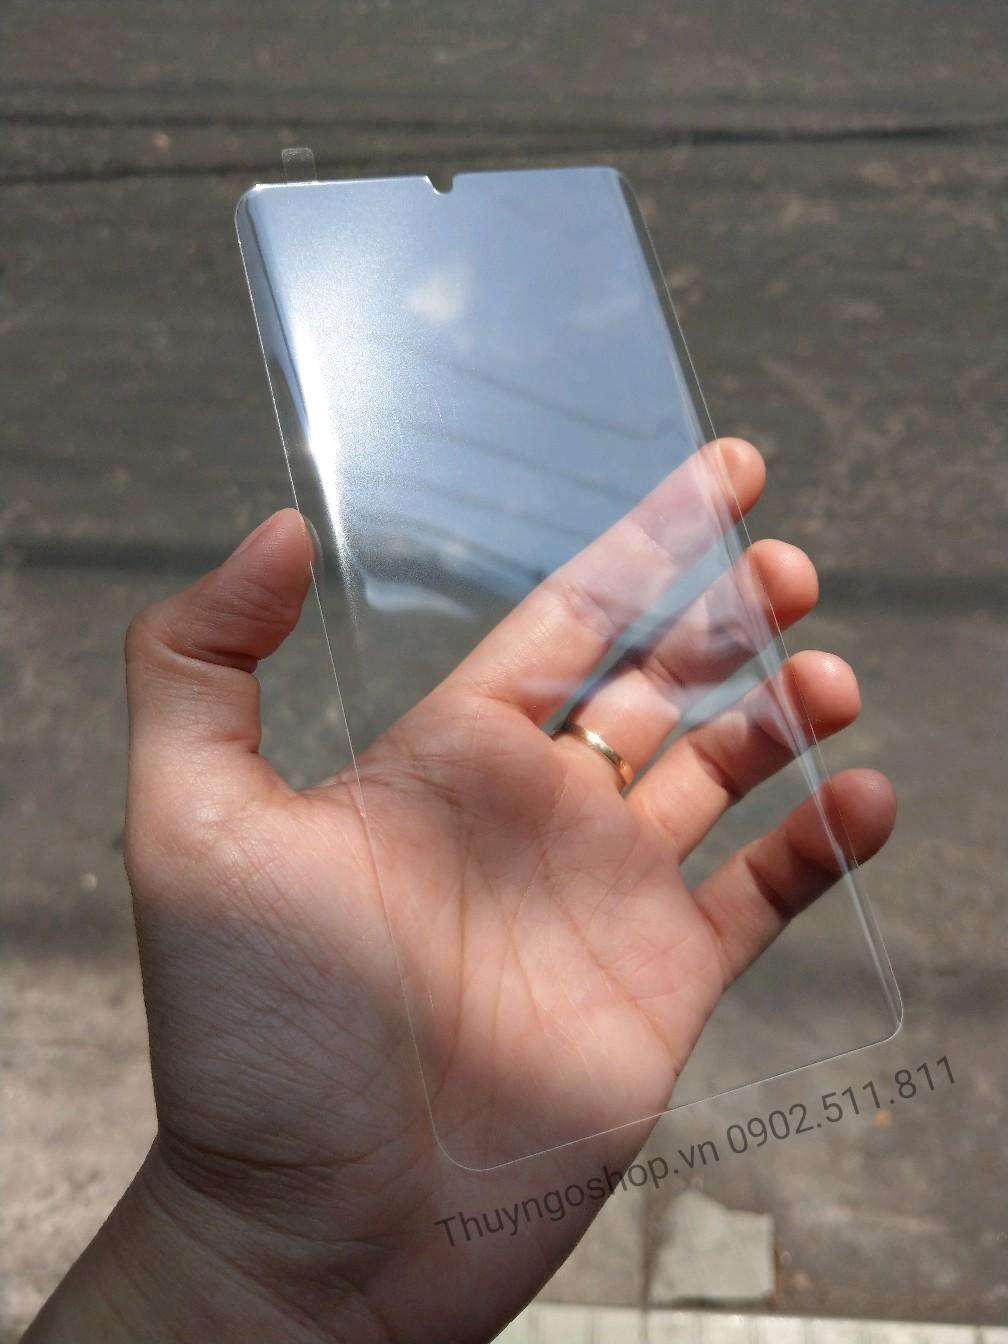 Kính cường lực Huawei P30 Pro full keo nước UV, cảm ứng nhạy 100%